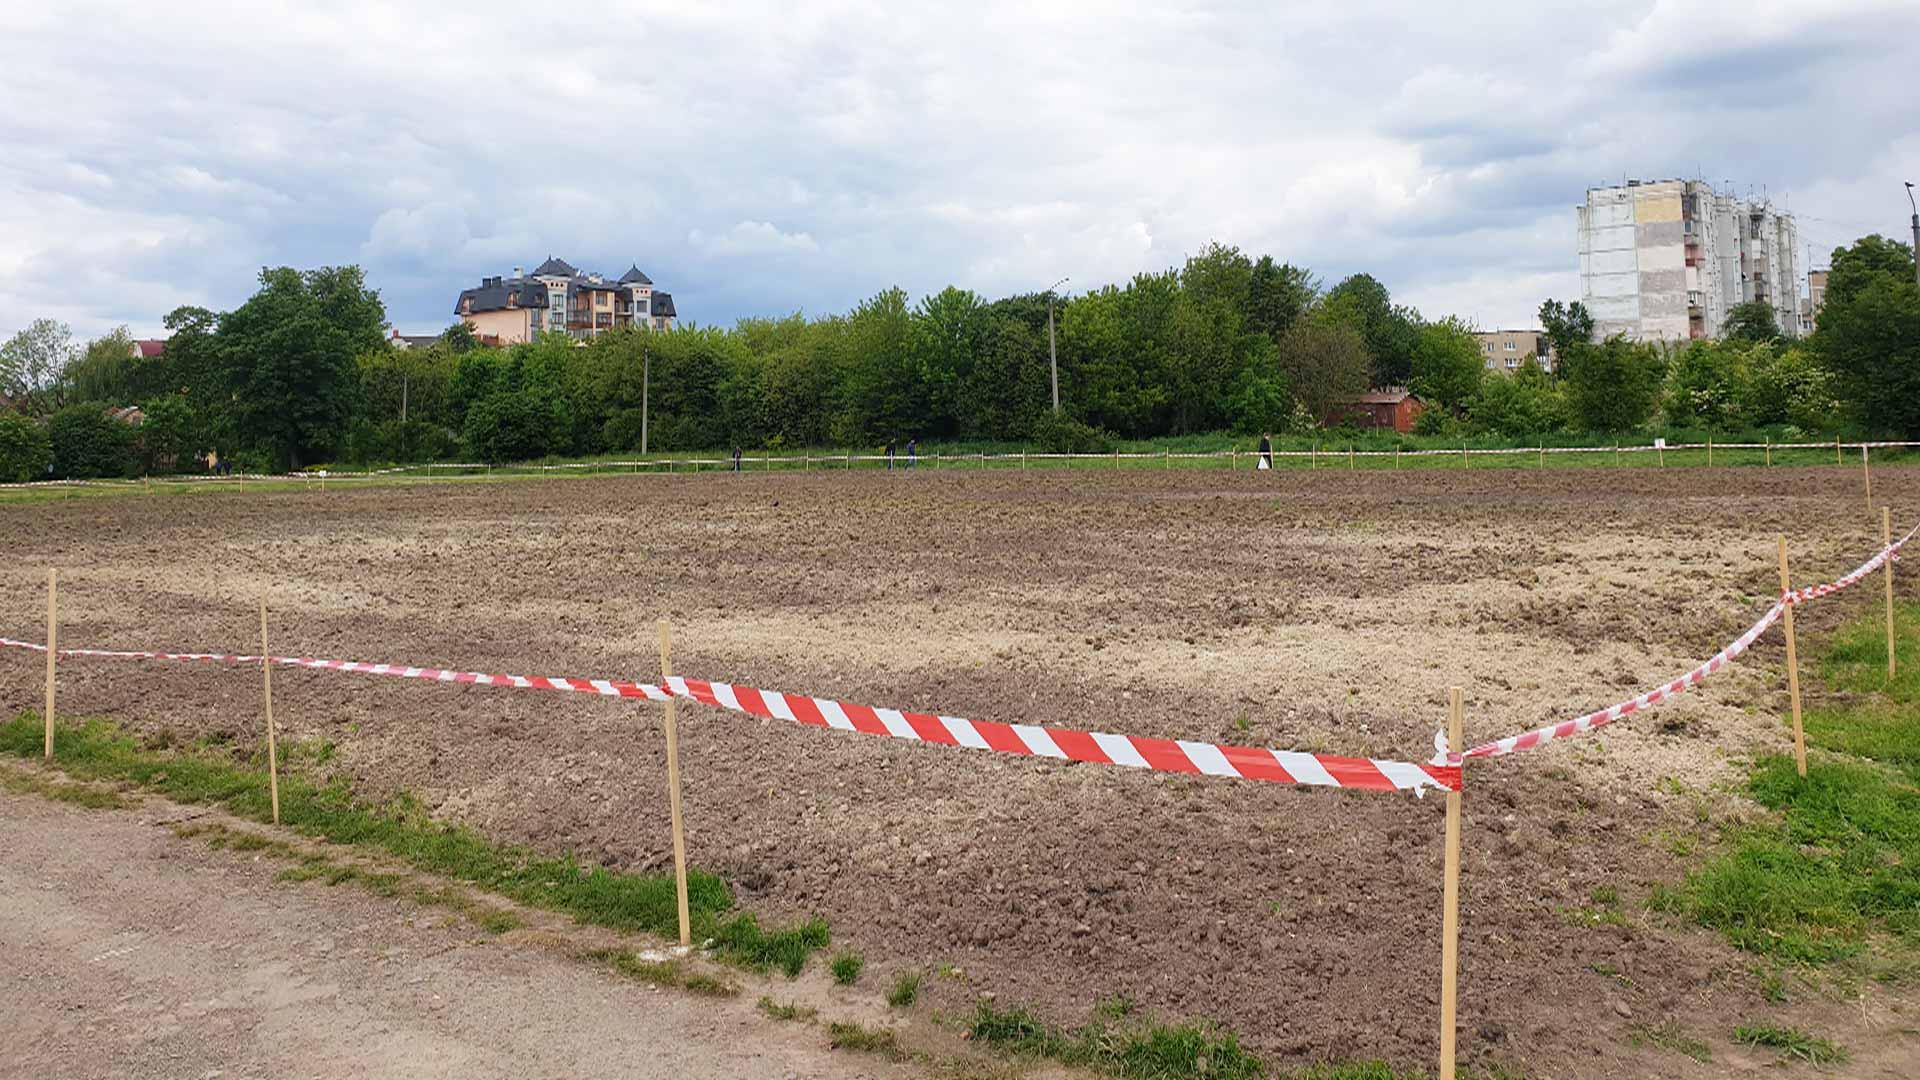 Ще одне футбольне поле з'явиться цьогоріч у Коломиї (ВІДЕО)